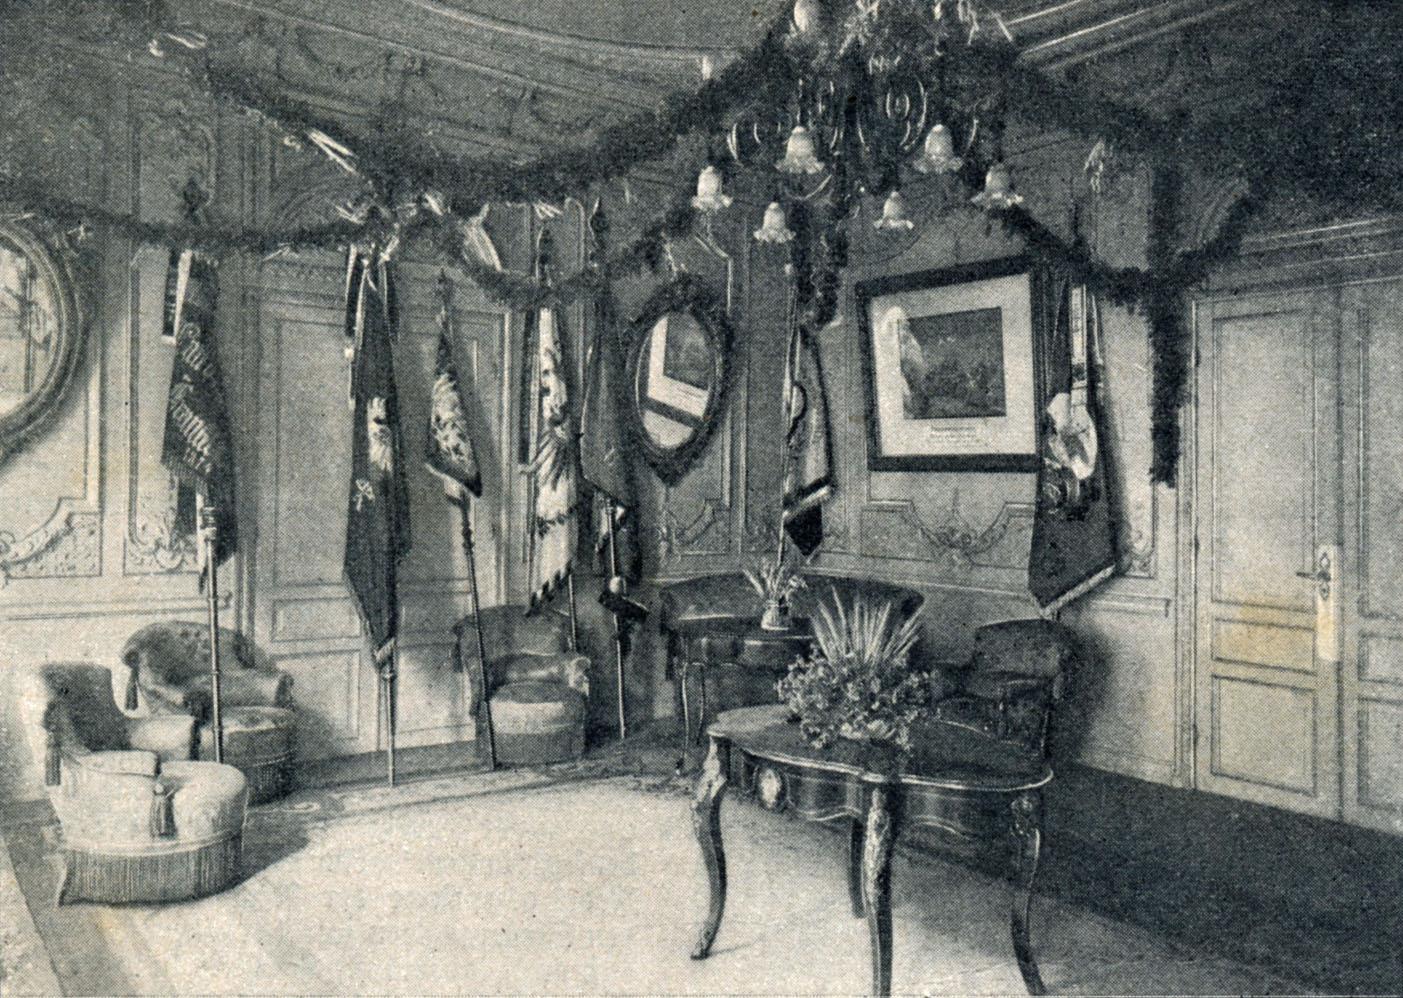 sz-f.-dh-1910_11-h.37-s.878-friedenszimmer-hotel-zum-schwan